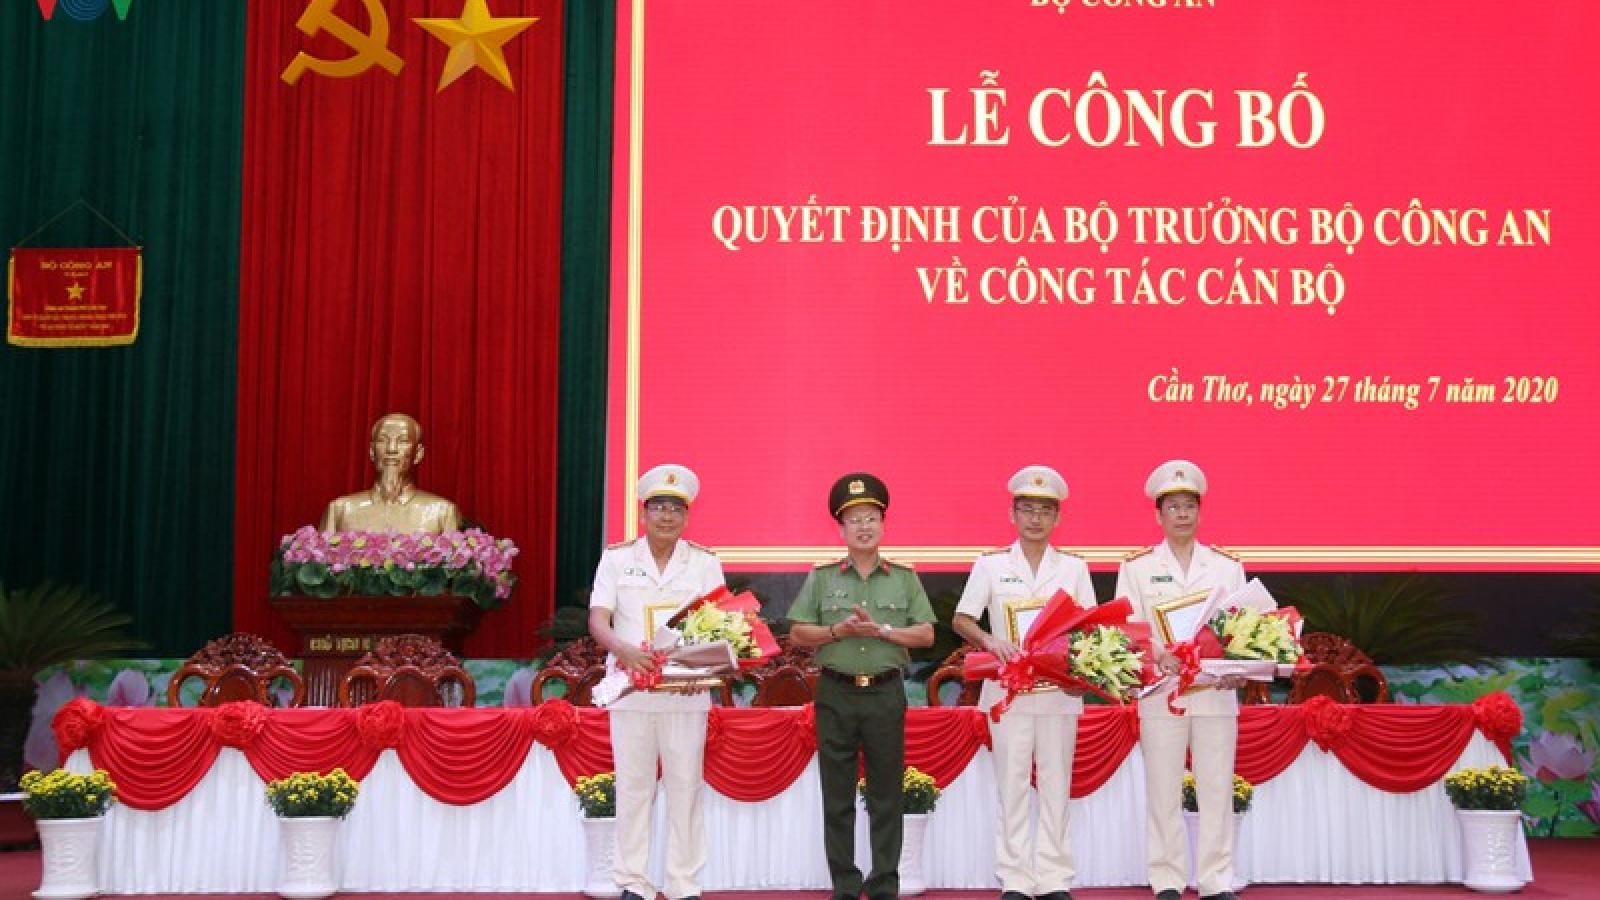 Bổ nhiệm 3 Phó Giám đốc Công an thành phố Cần Thơ